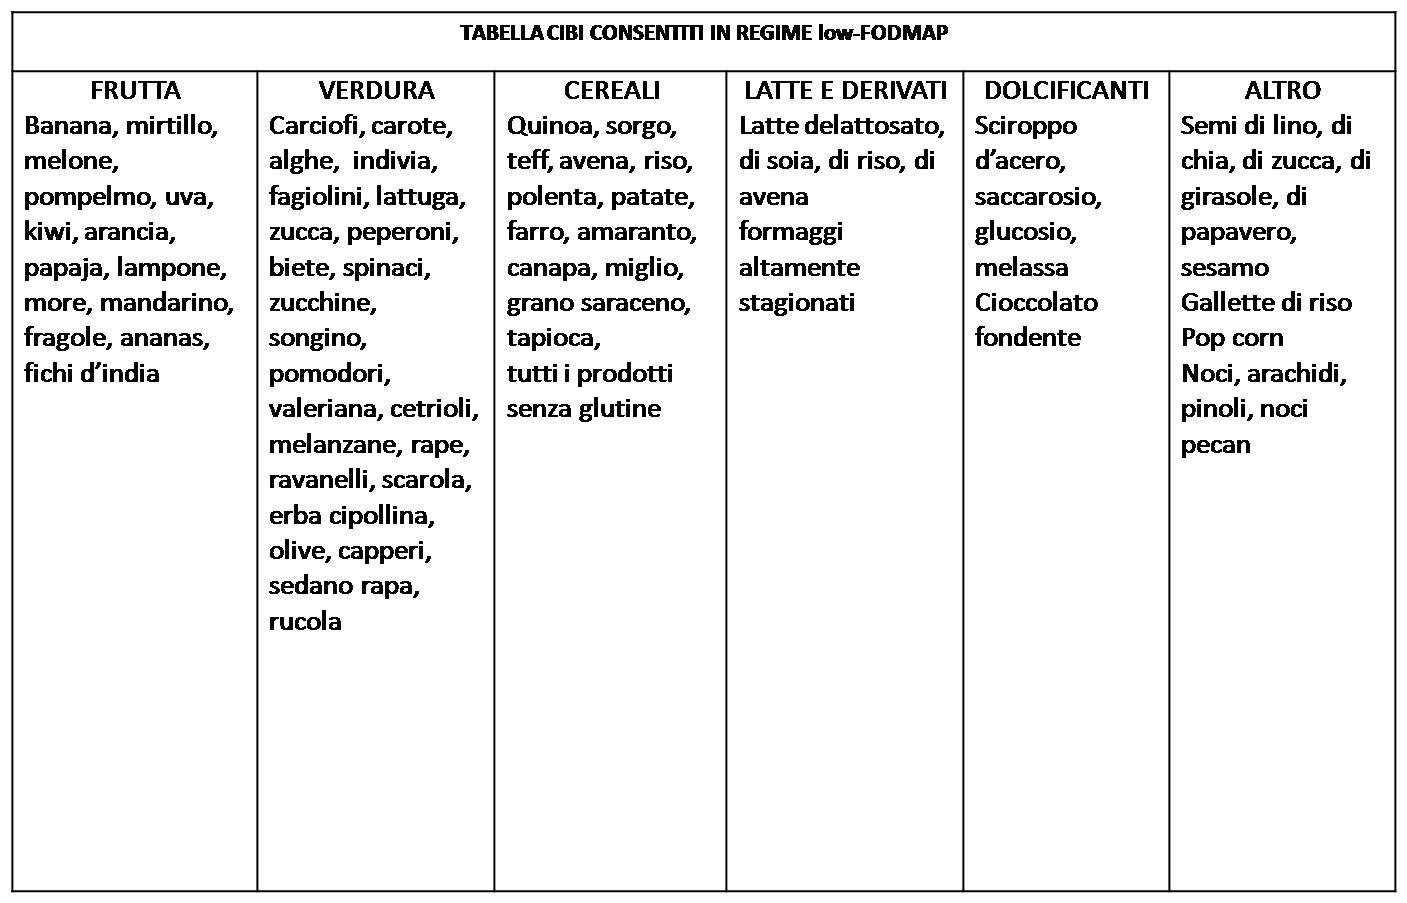 sindrome dell'intestino irritabile, Dieta FODMAP e sindrome dell'intestino irritabile